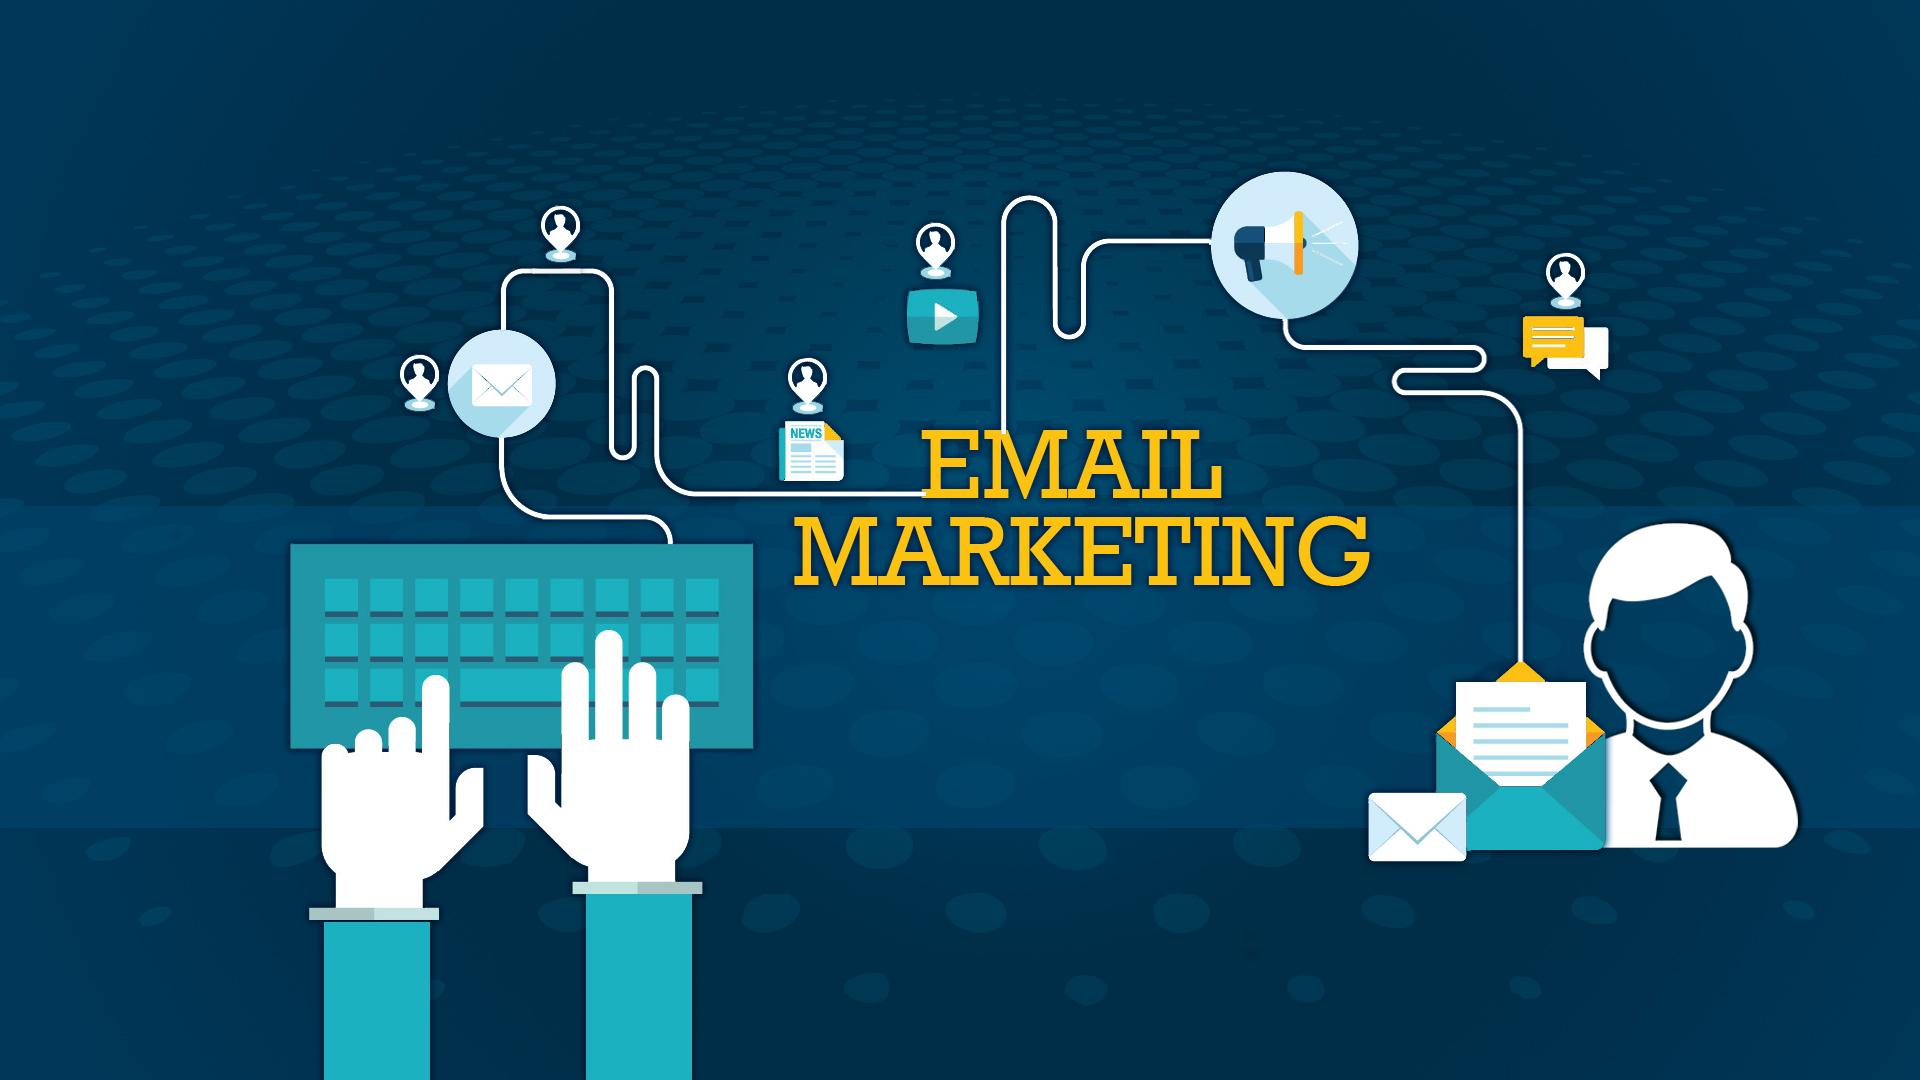 Email Marketing cũng là một kênh bán hàng và chăm sóc khách hàng của doanh nghiệp